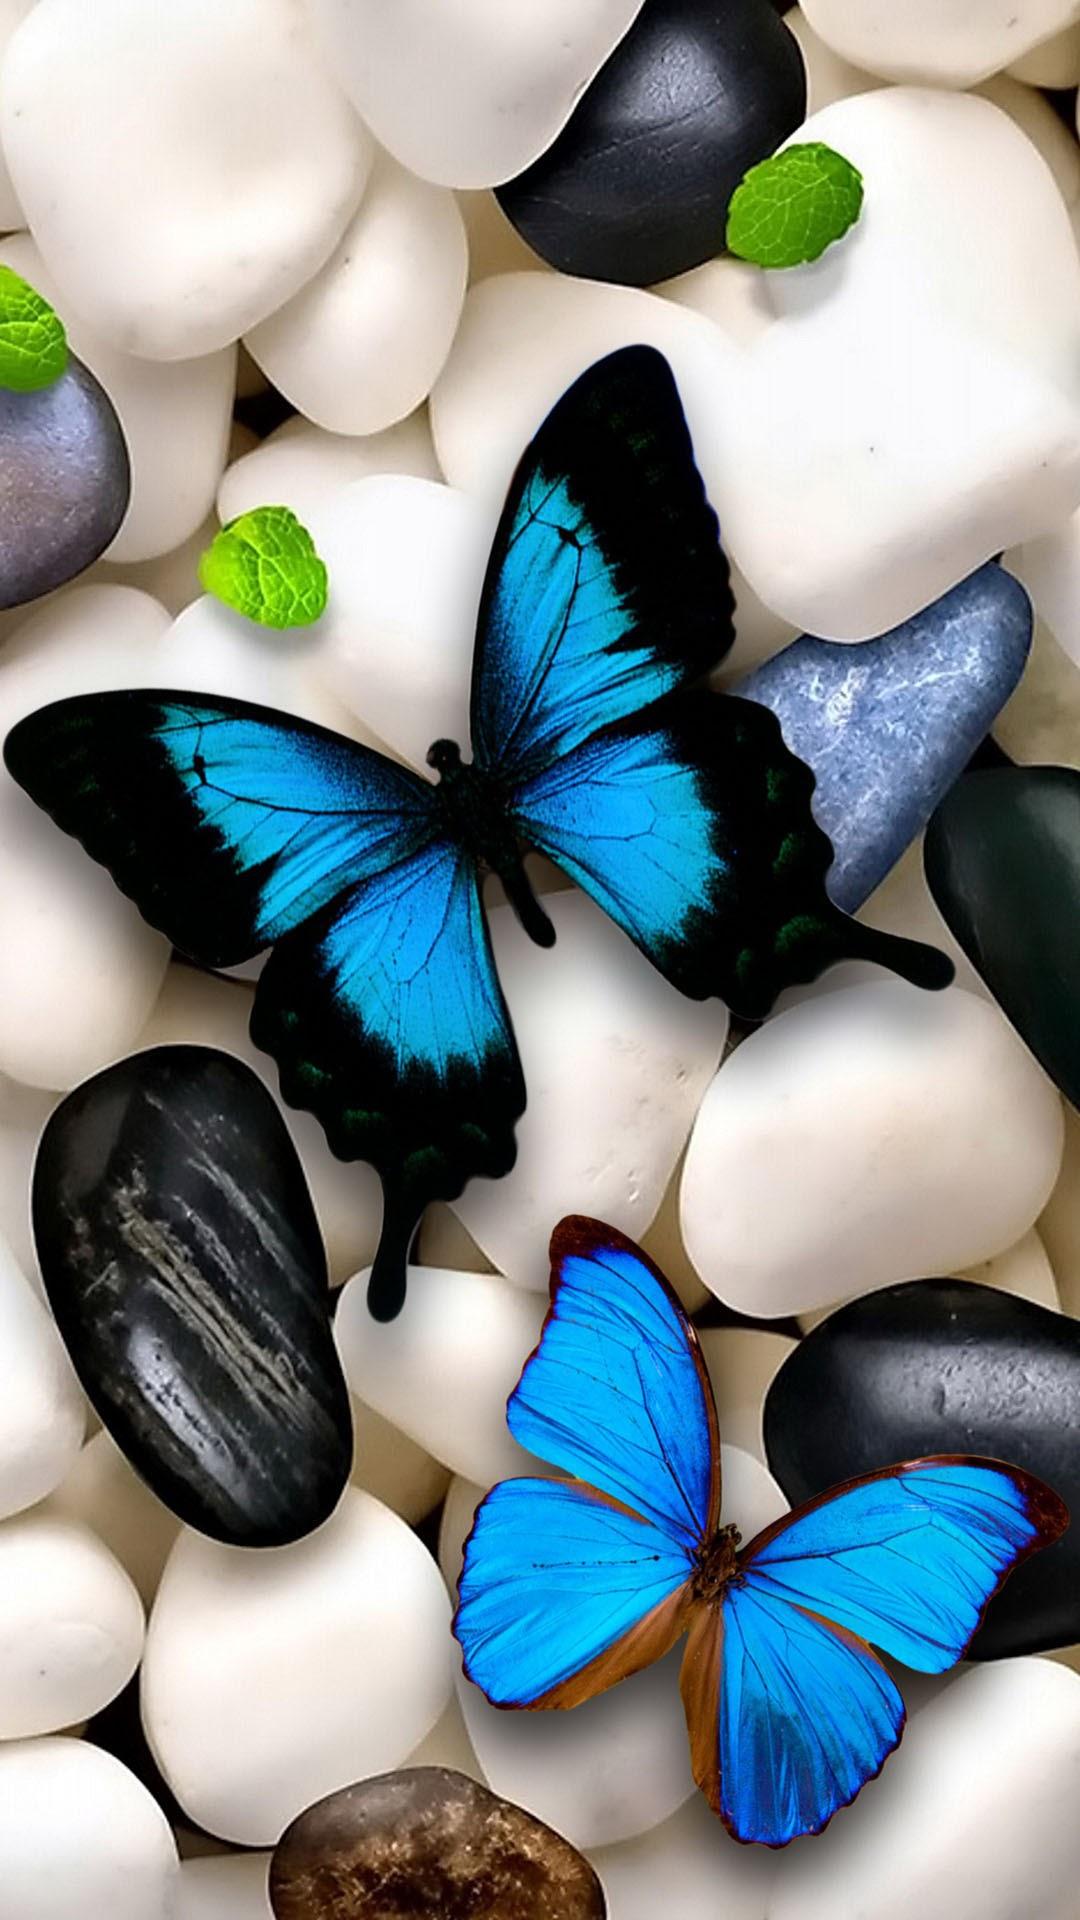 Сбор заказов. Алмазная мозайка - самый современный вид рукоделия, сможет каждый-5. Самые низкие цены на картины по своим фото